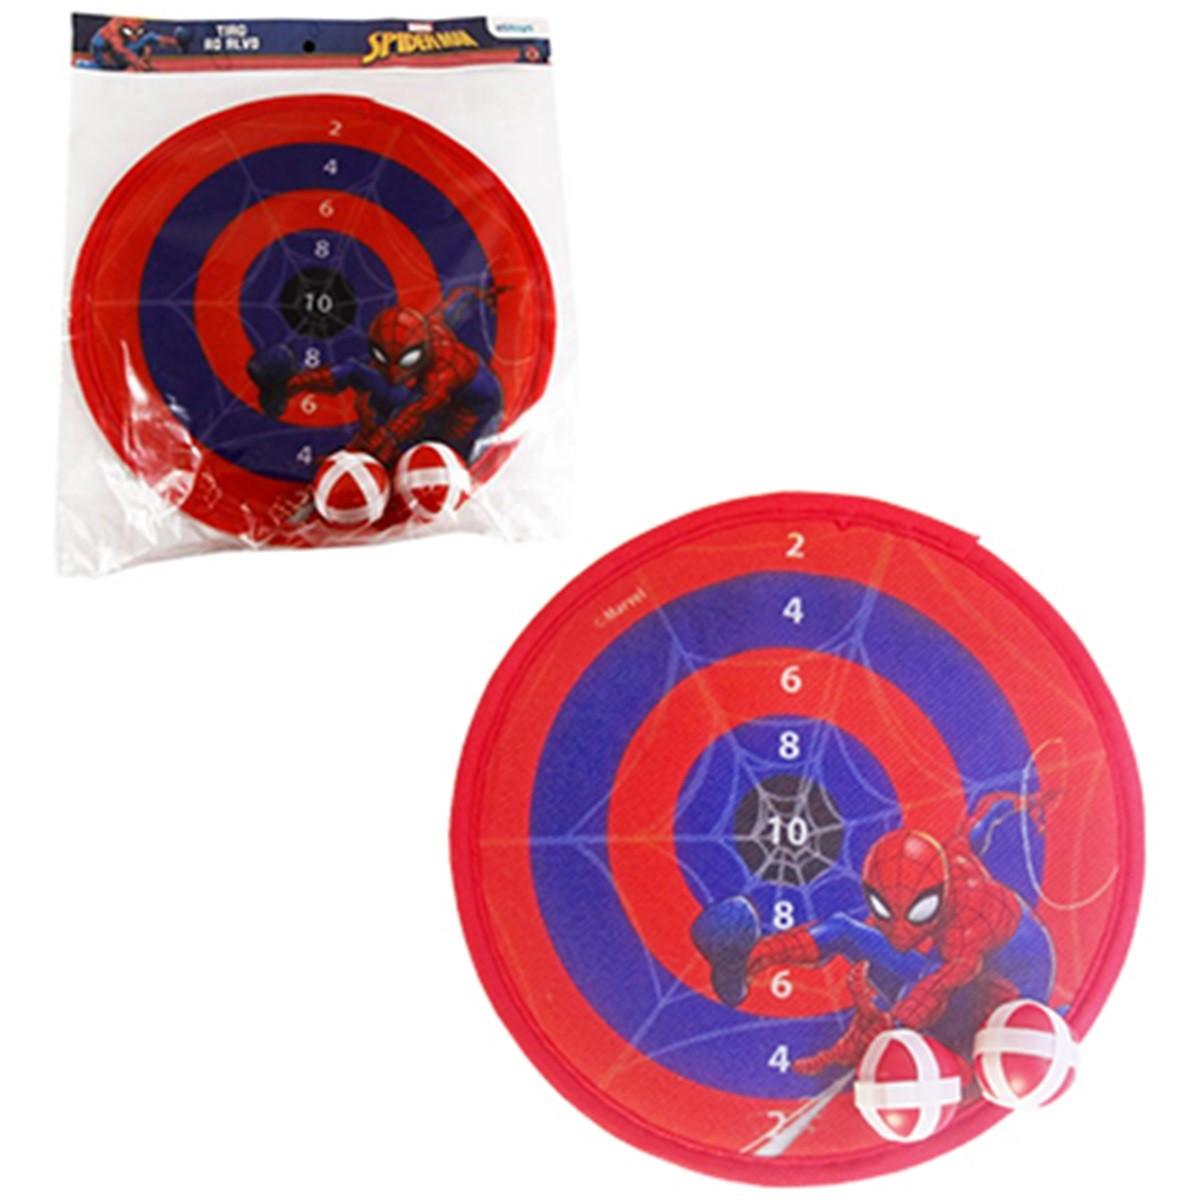 Jogo Tiro ao Alvo Homem Aranha Pontaria Competição Divertida